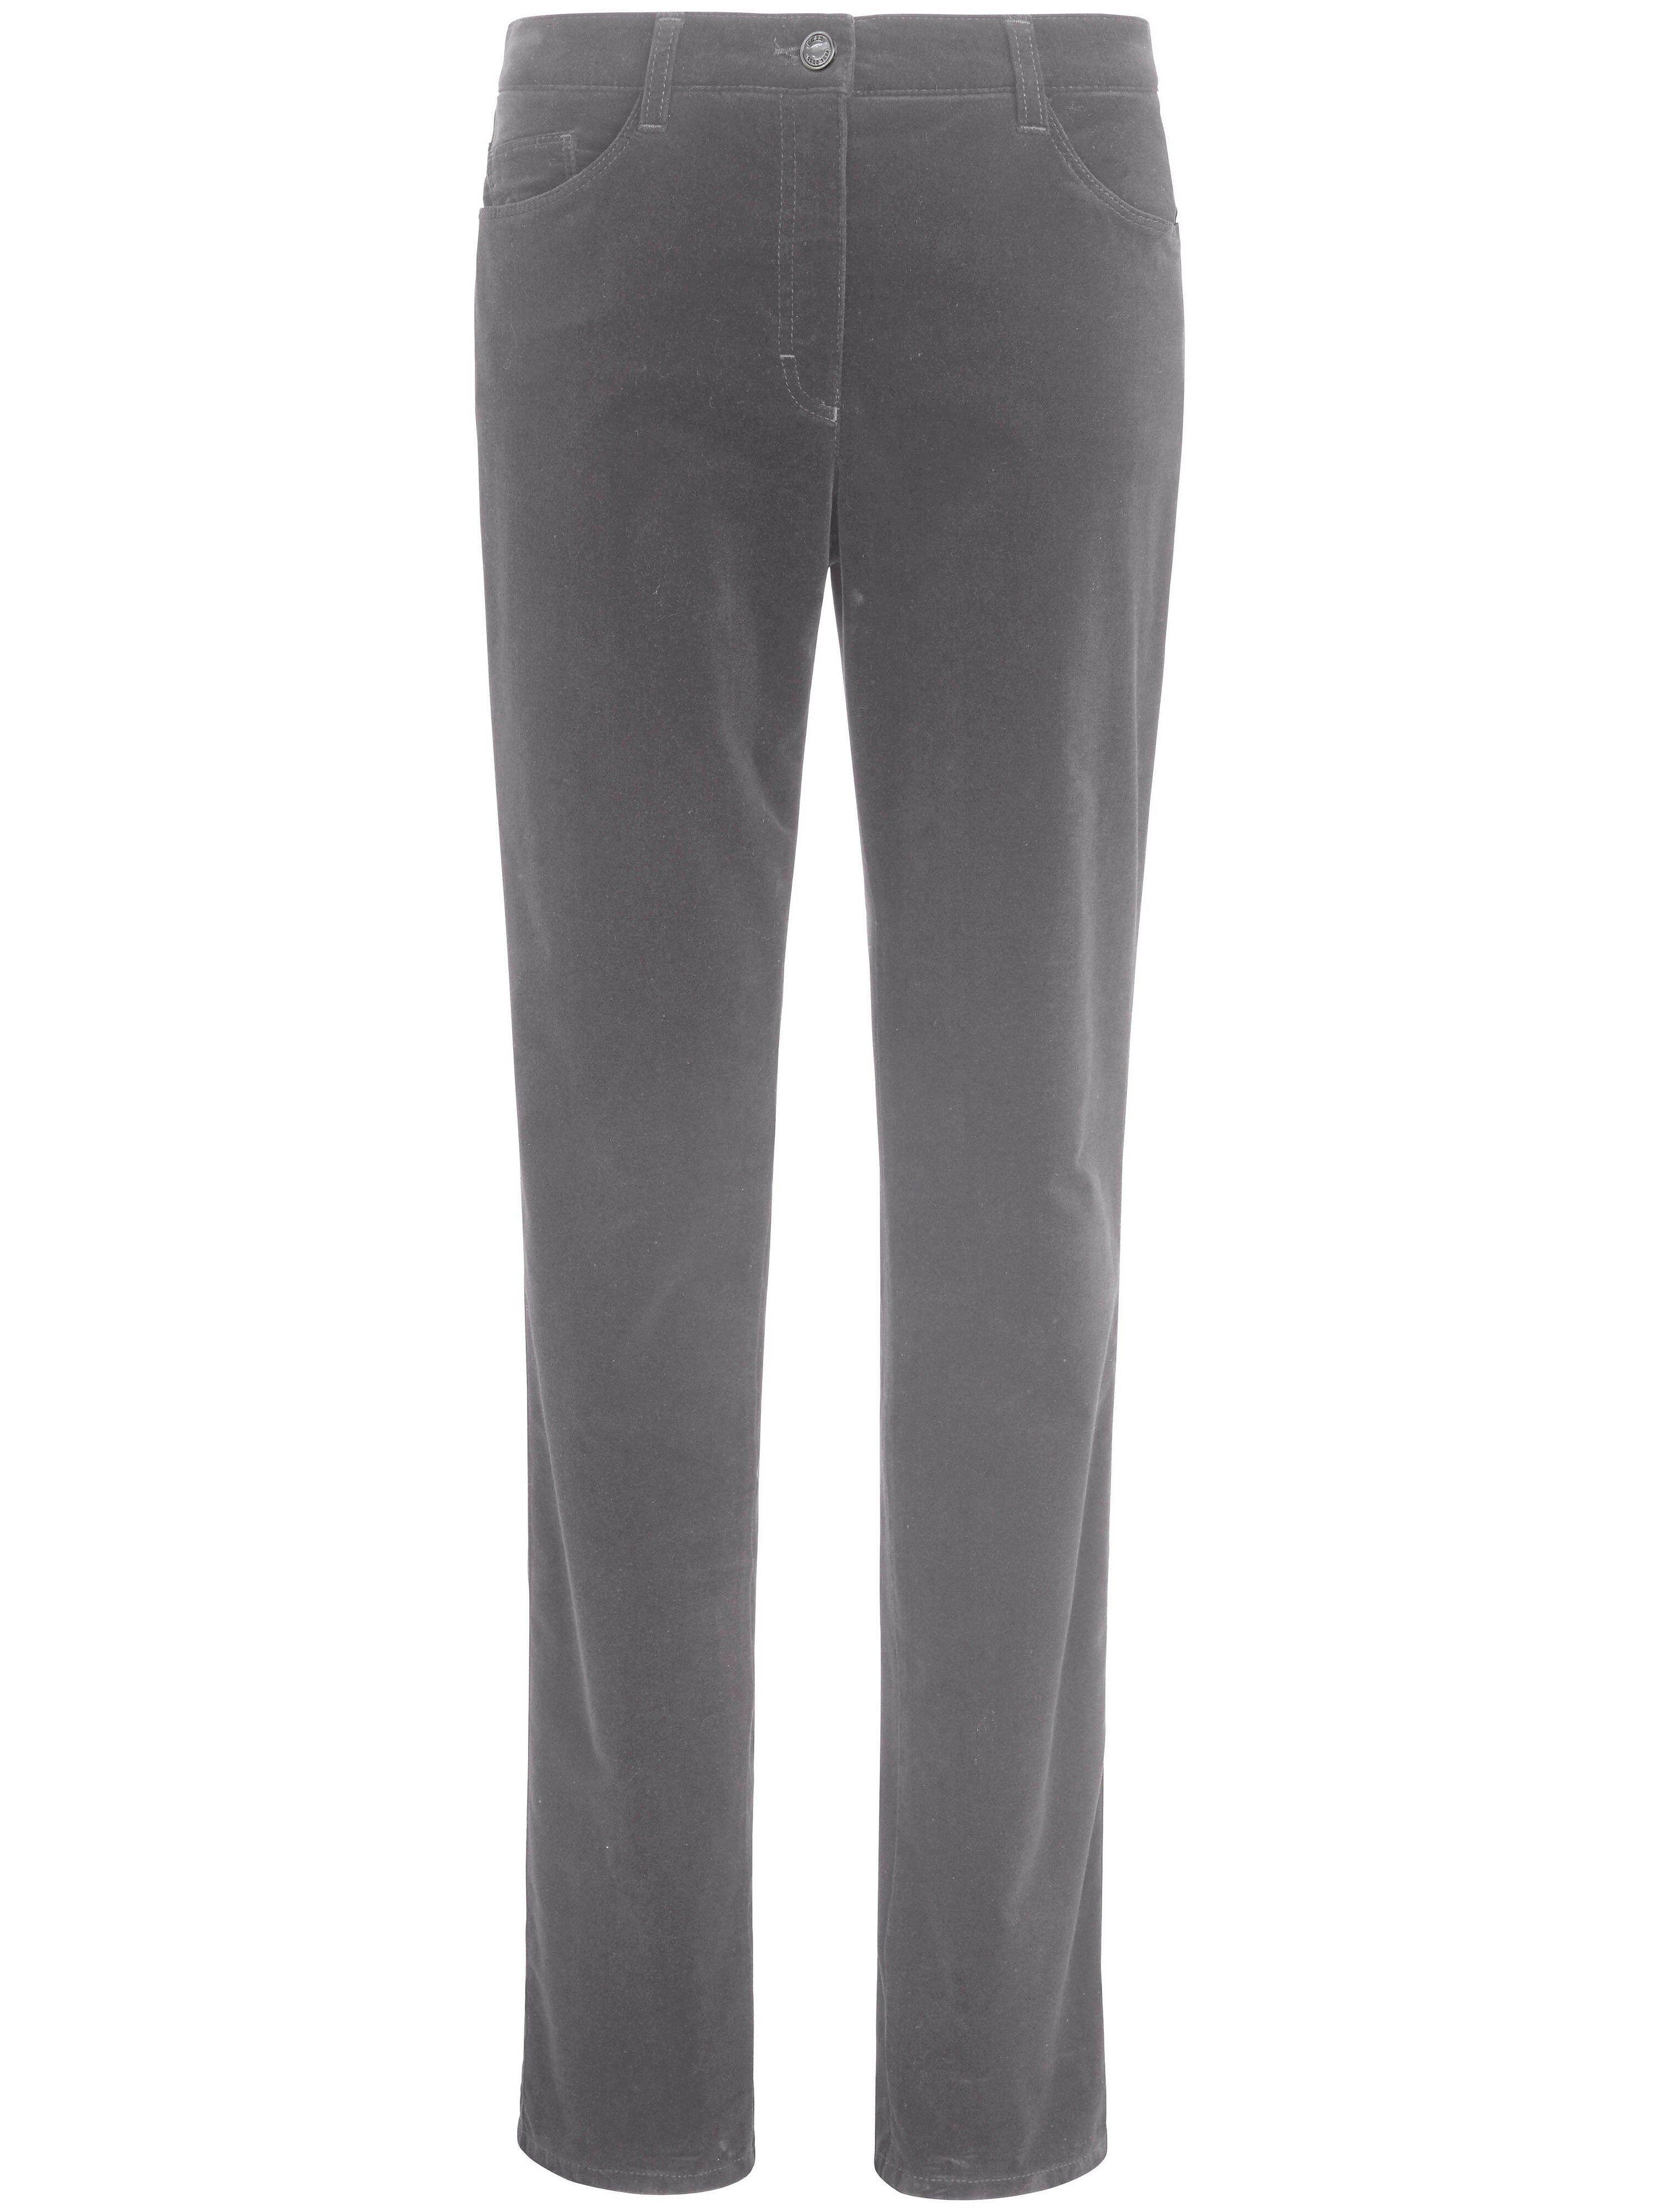 Brax Feminine Fit-buks i sportsfløjl model Carola Fra Brax Feel Good grå